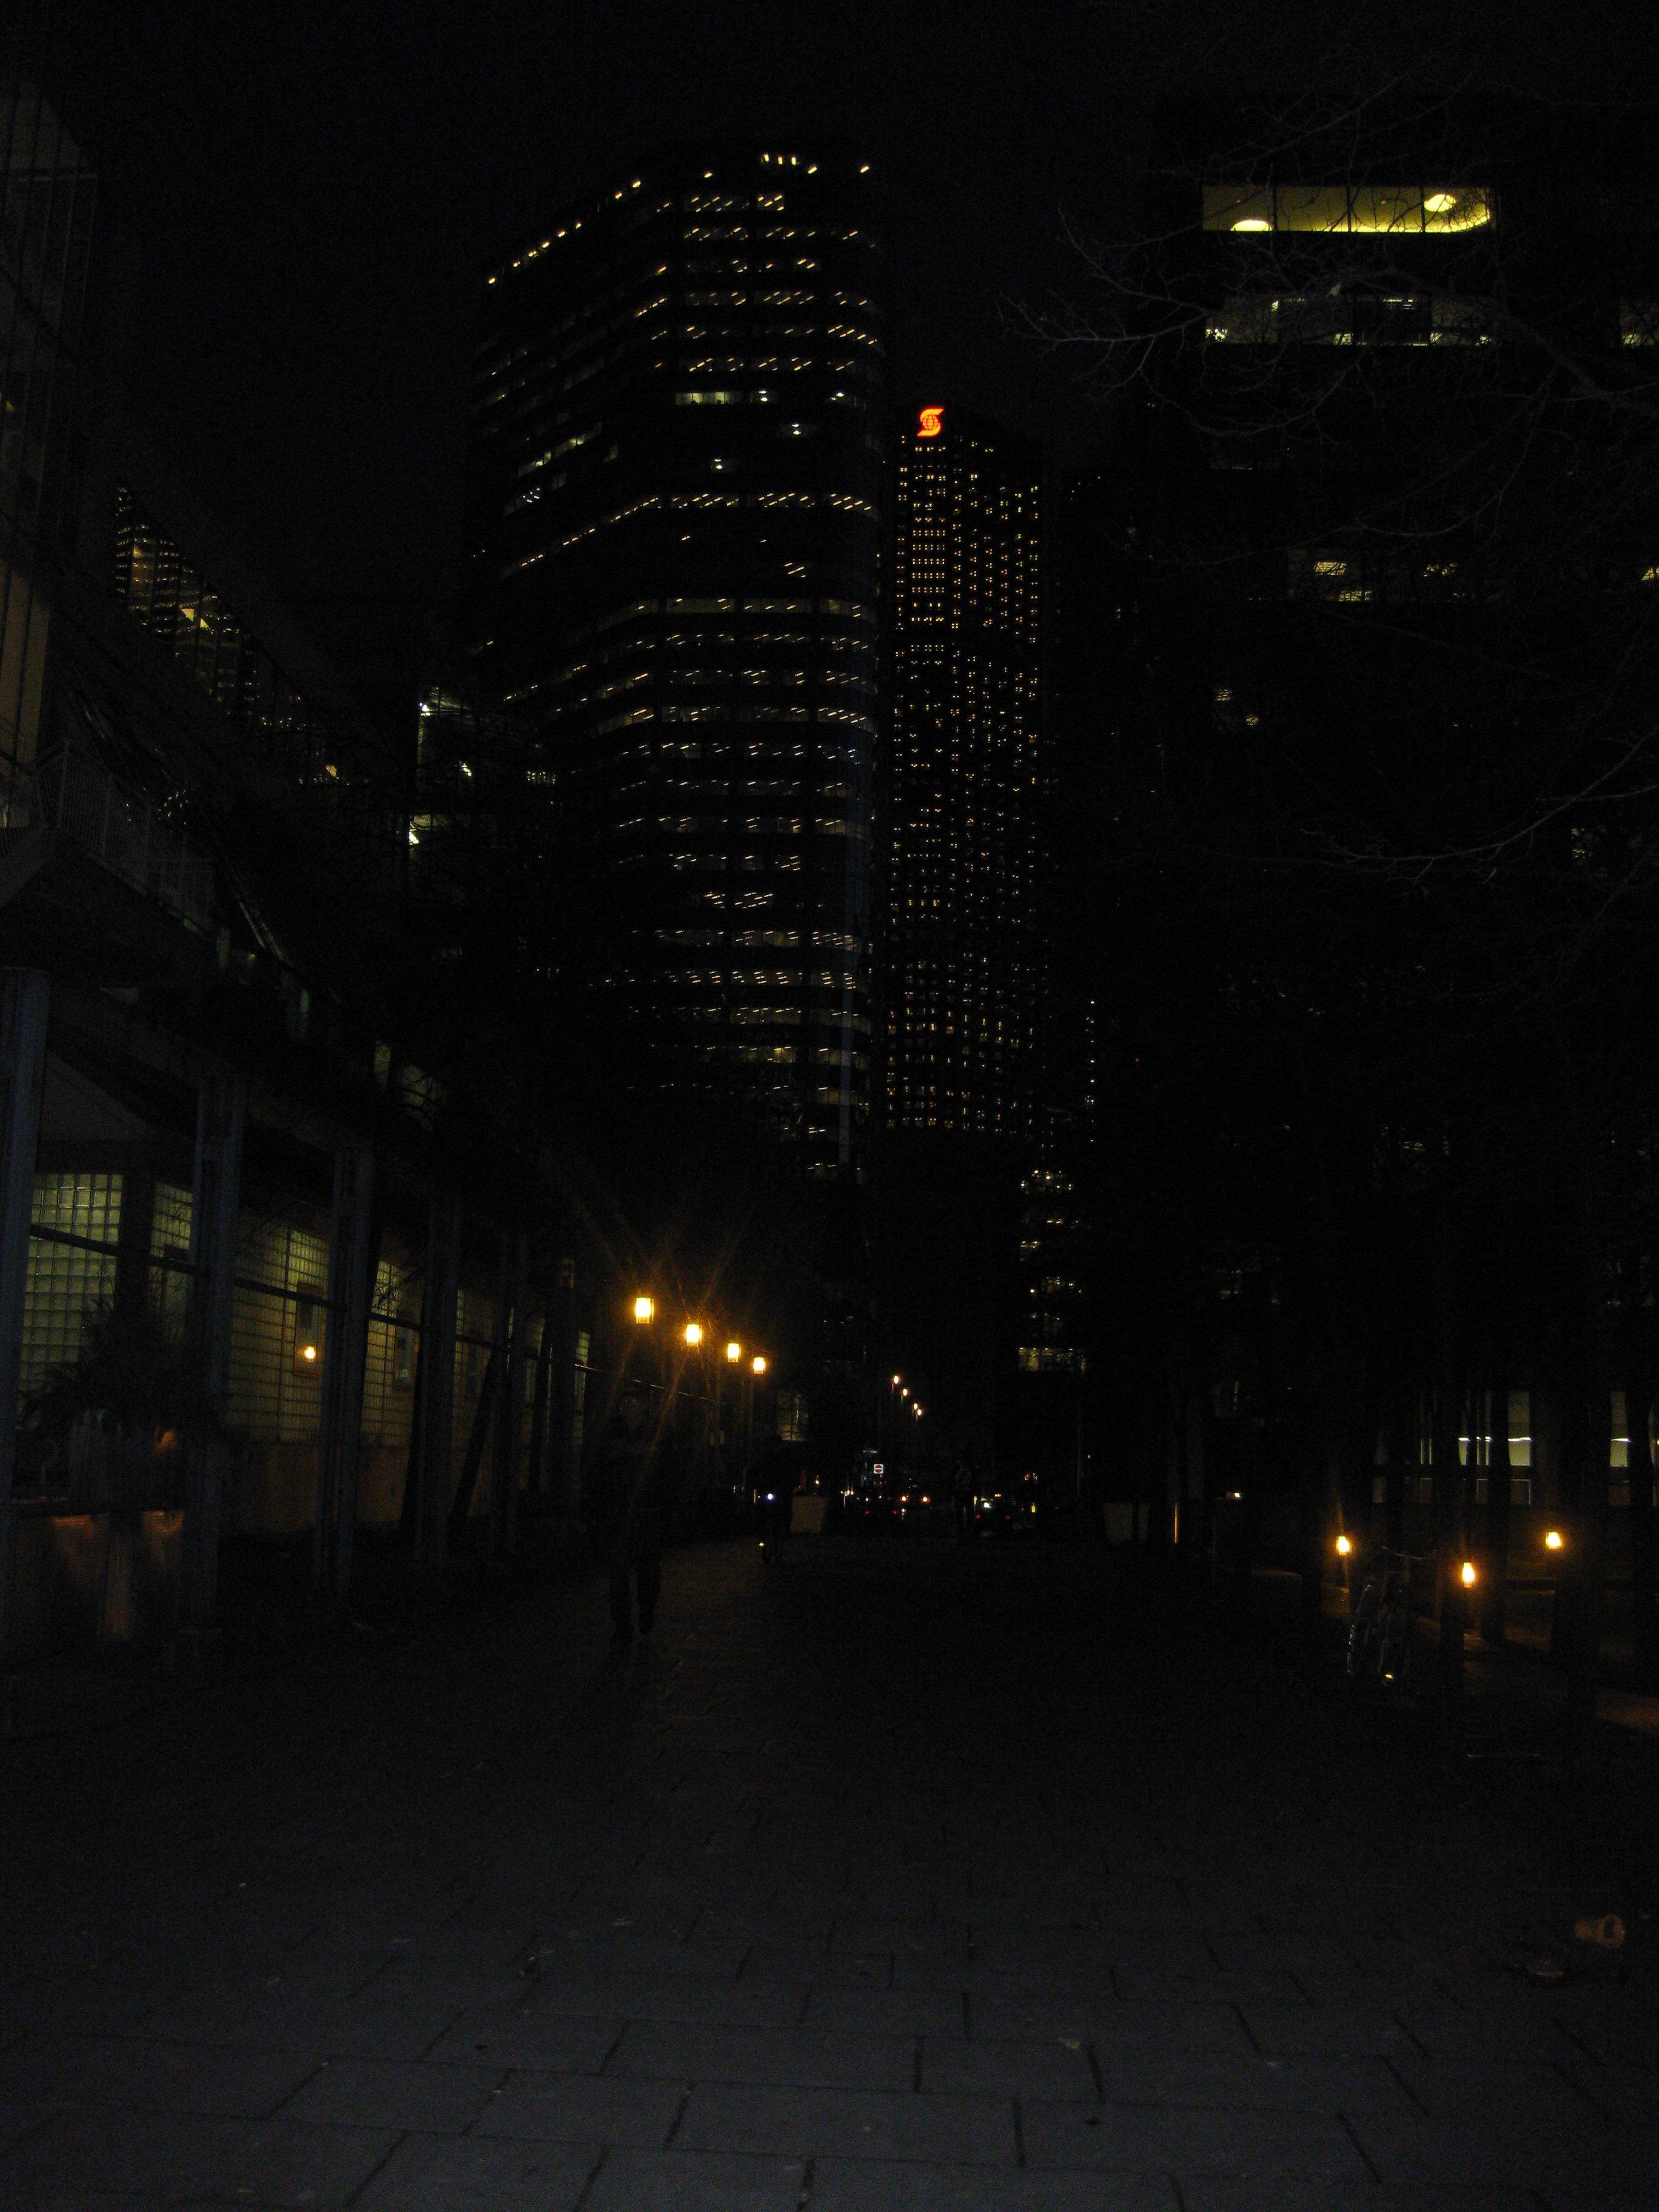 arrivée - photo de nuit pas tres explicite -